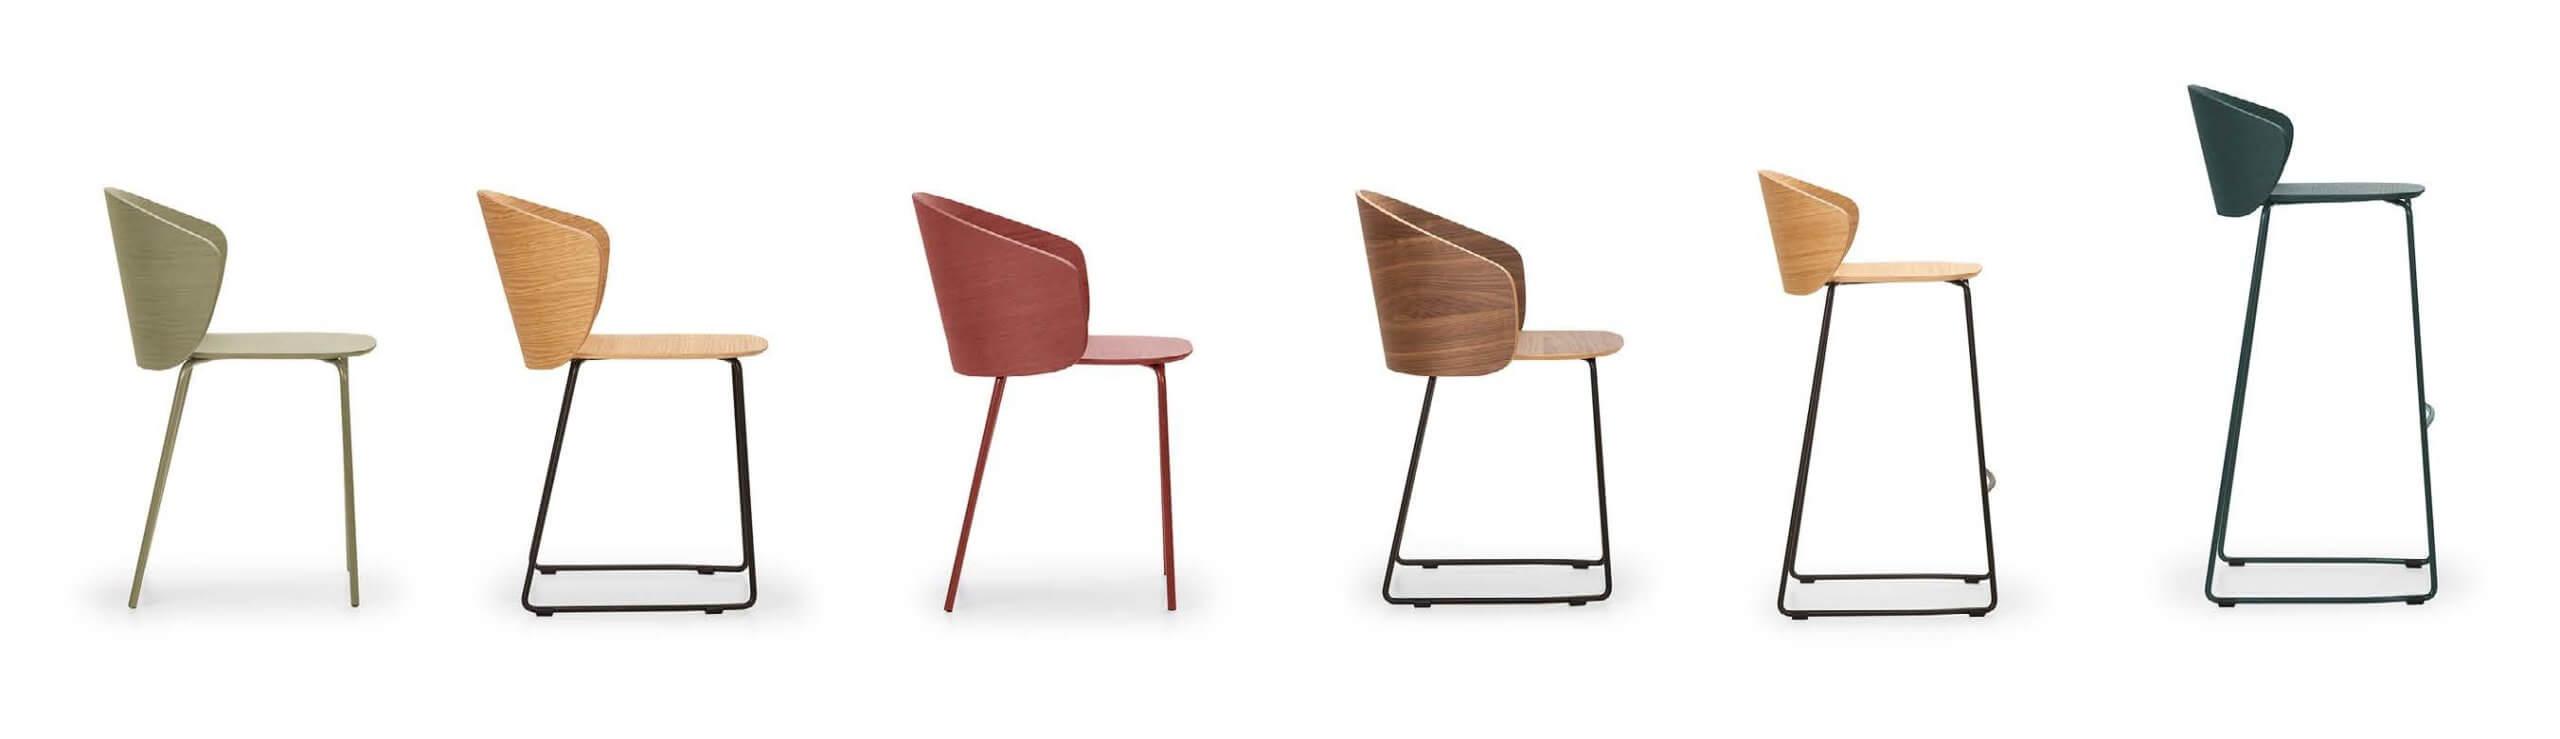 Chaise en bois pour restaurant d'entreprise NOTWOOD